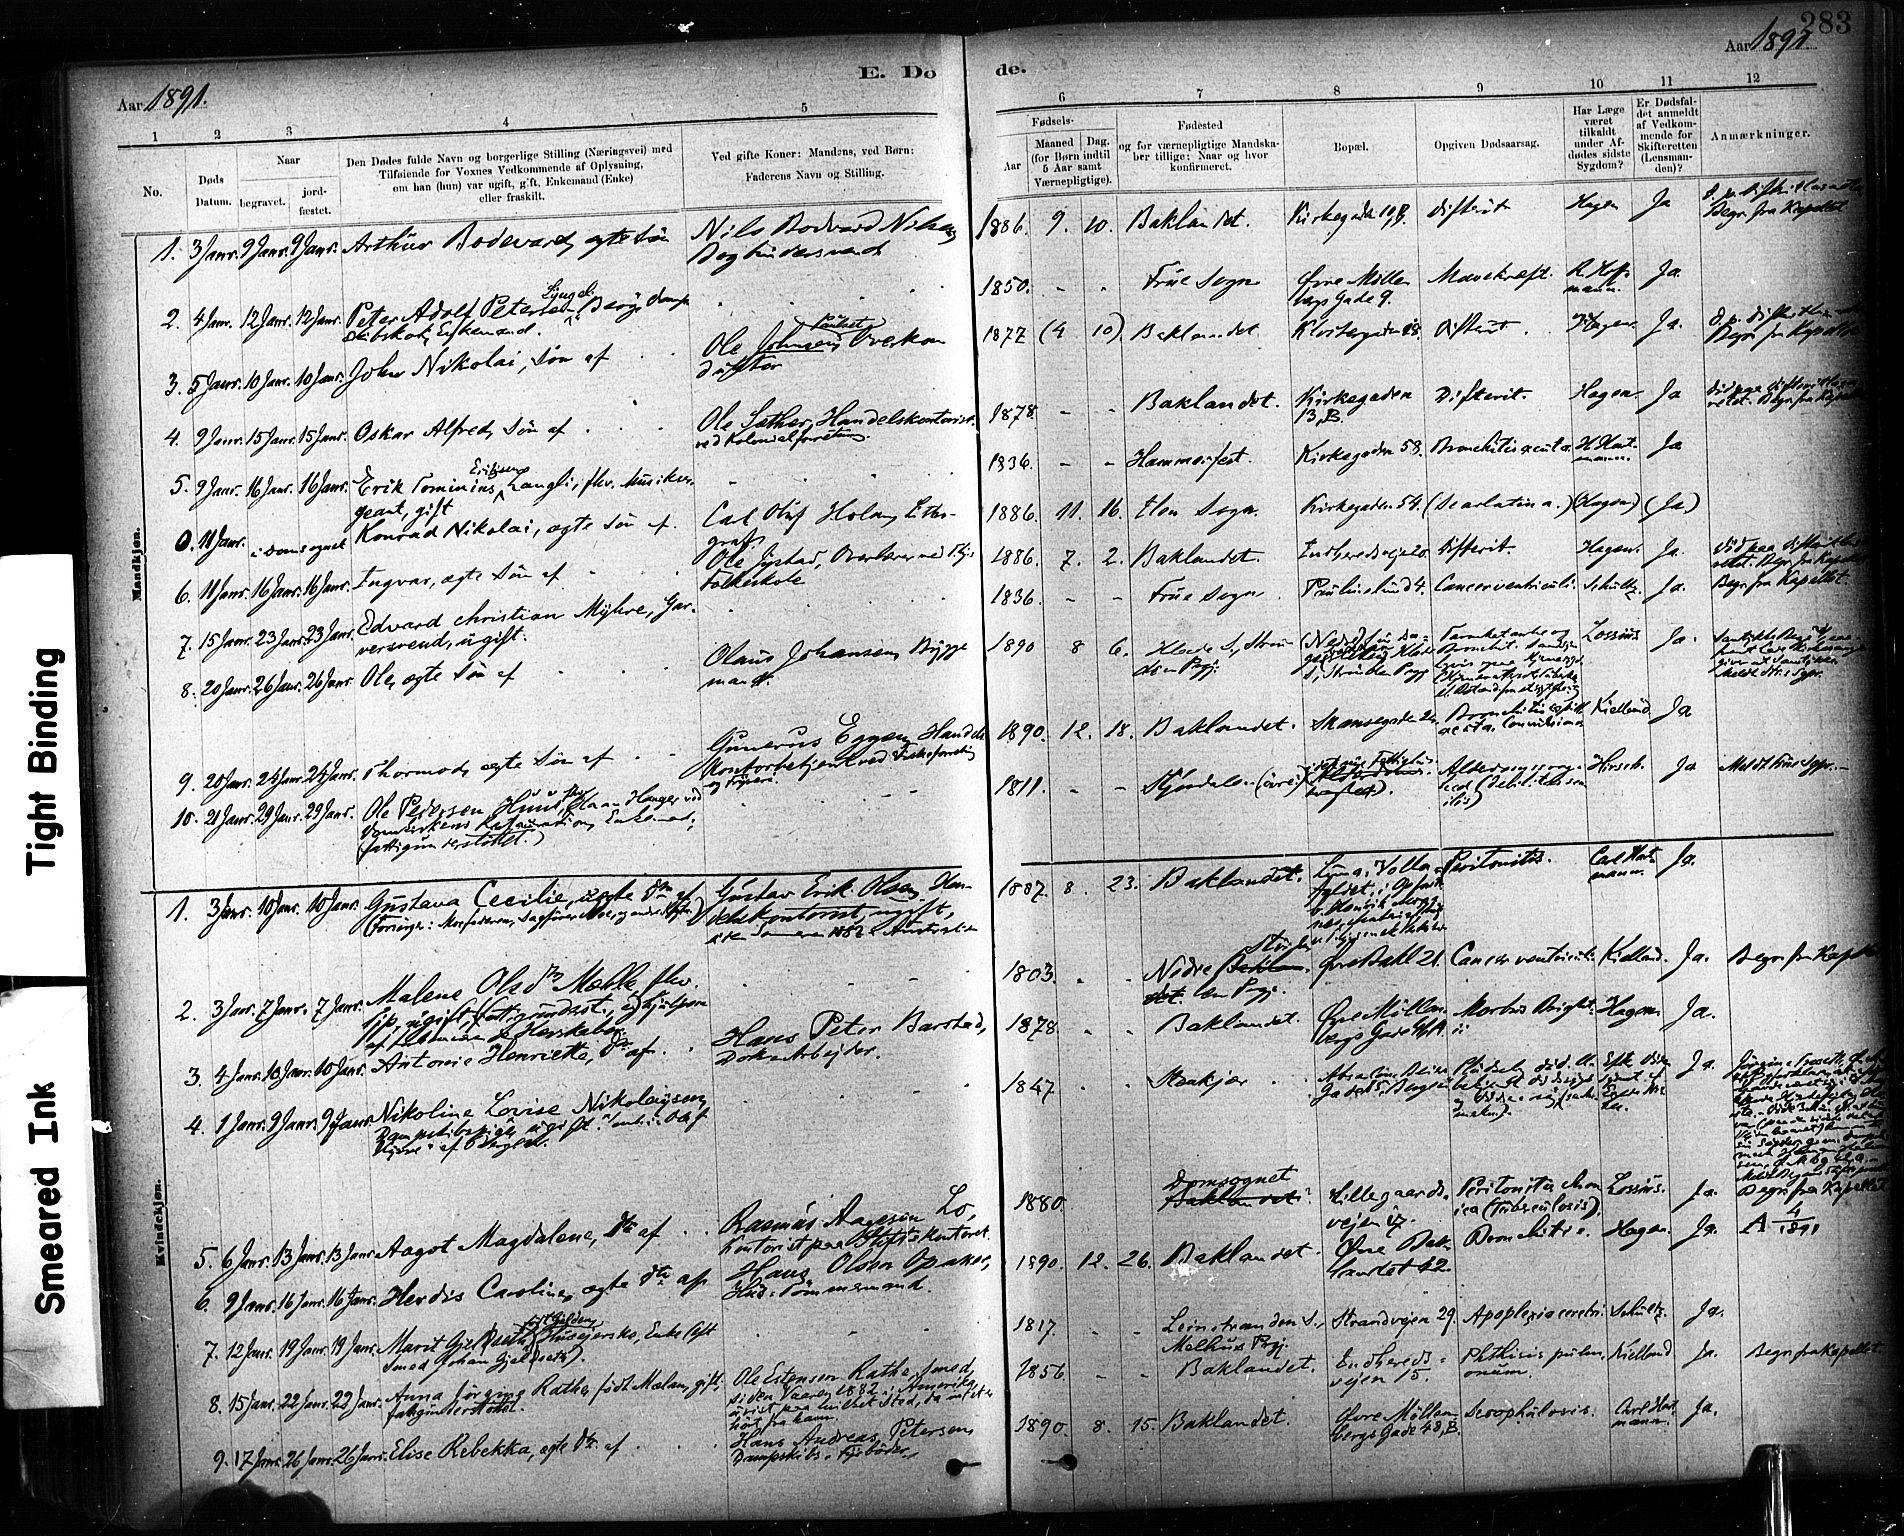 SAT, Ministerialprotokoller, klokkerbøker og fødselsregistre - Sør-Trøndelag, 604/L0189: Ministerialbok nr. 604A10, 1878-1892, s. 283